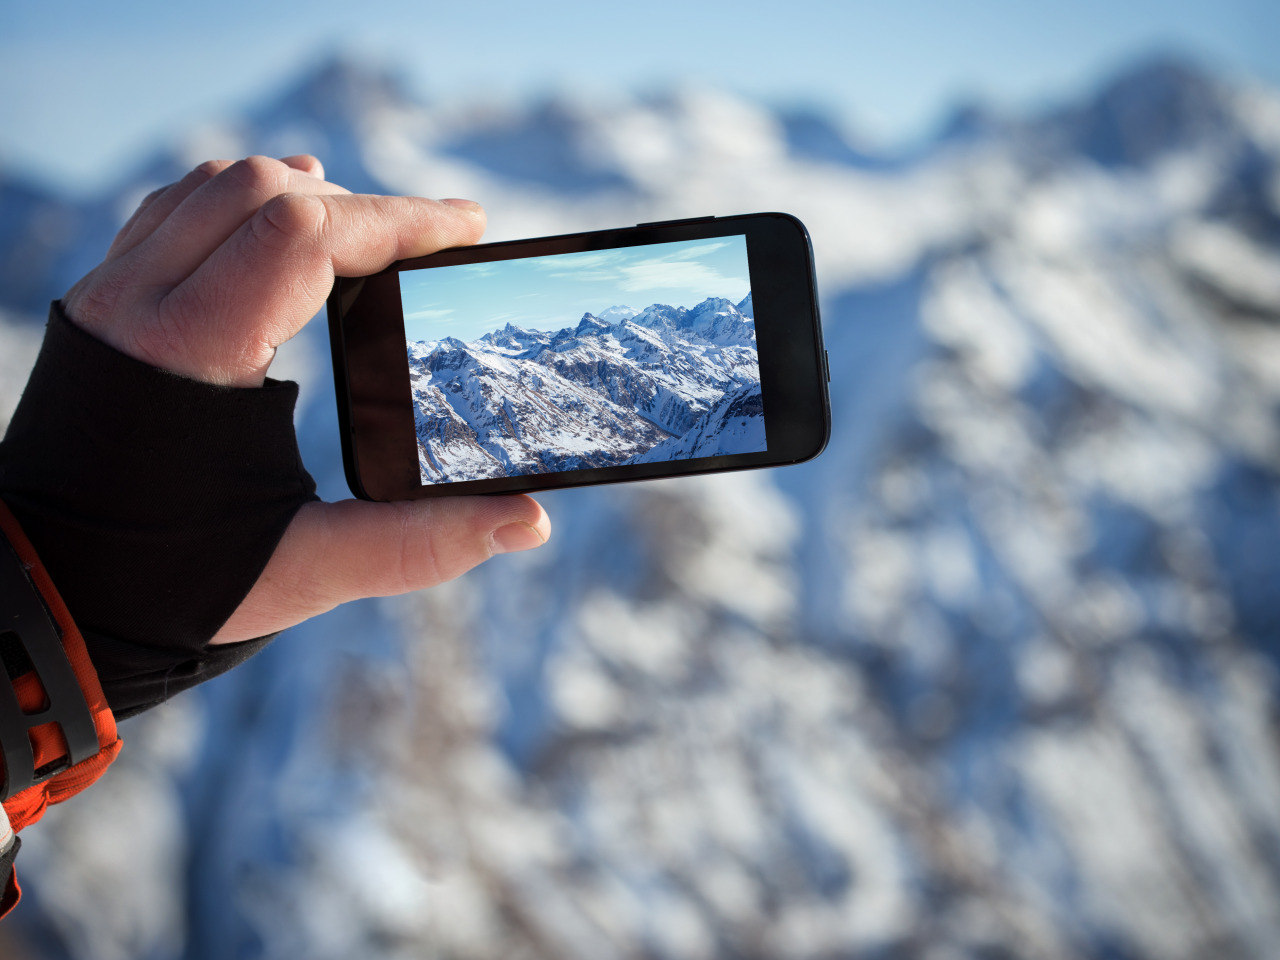 фото с телефона для продажи на фотостоках большинстве случаев приходится